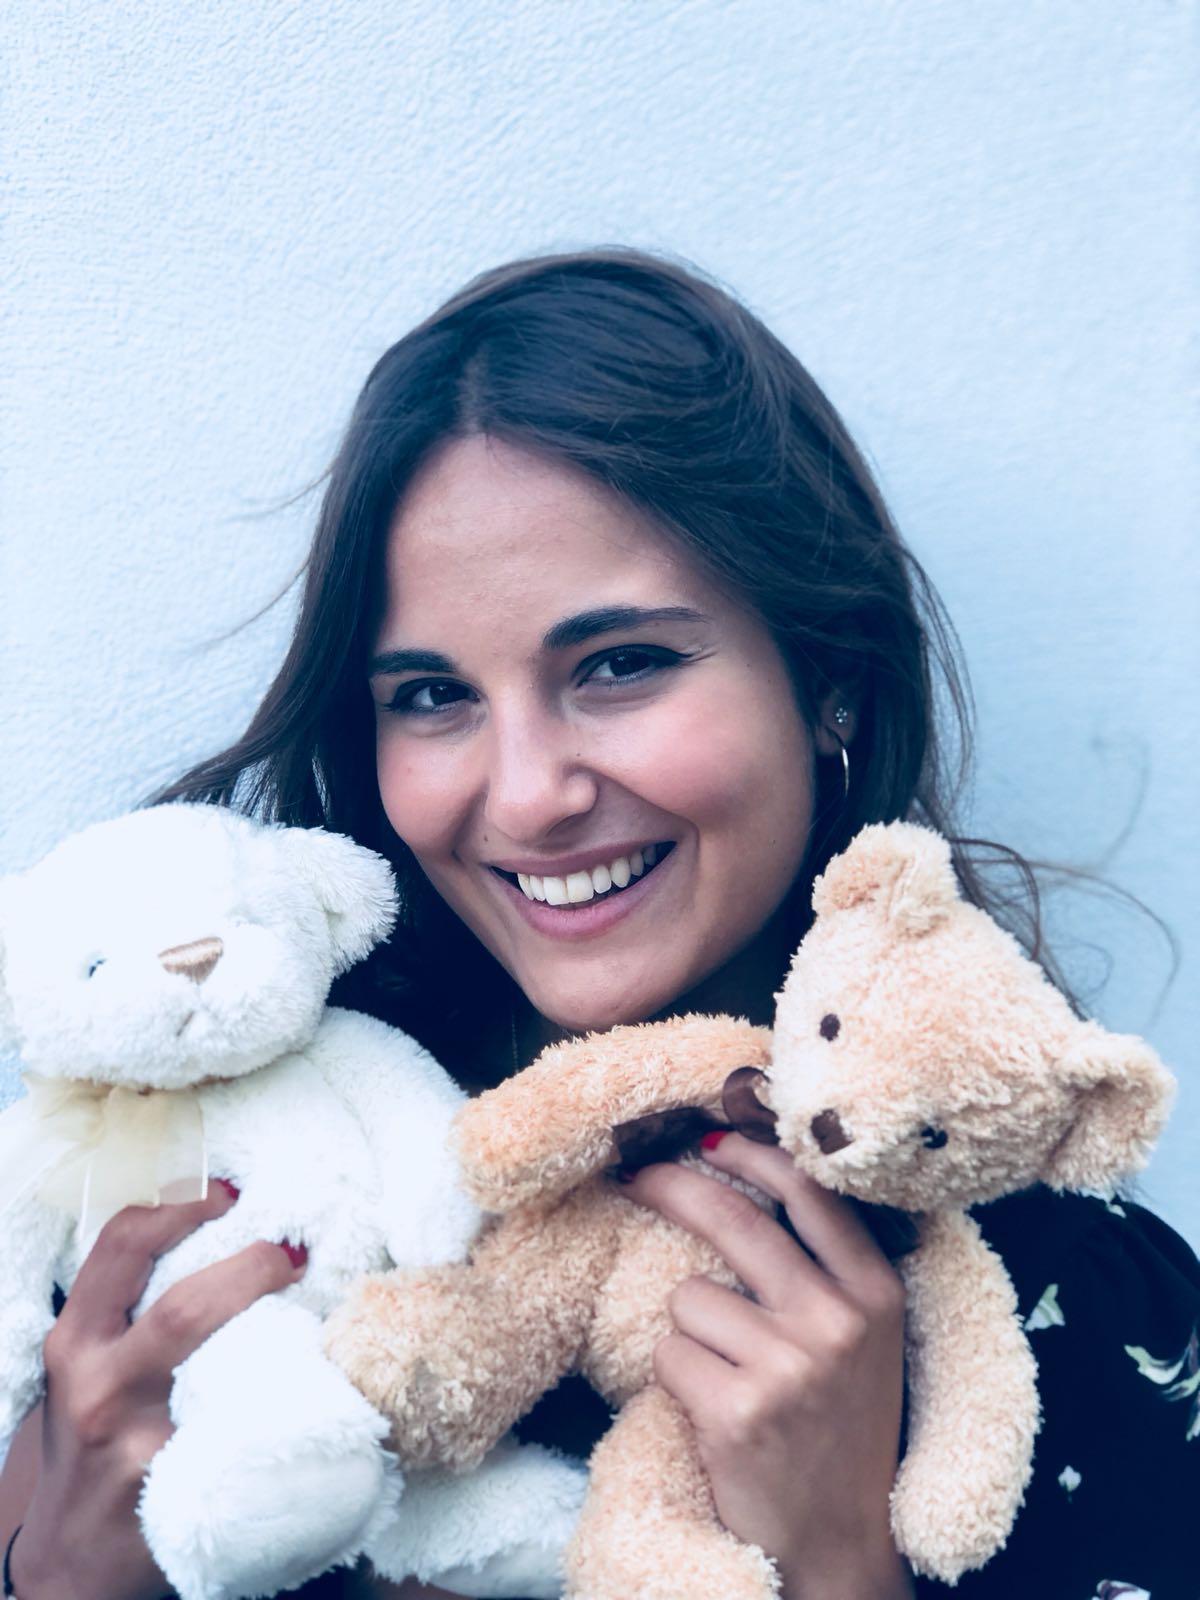 Sofia Weiss